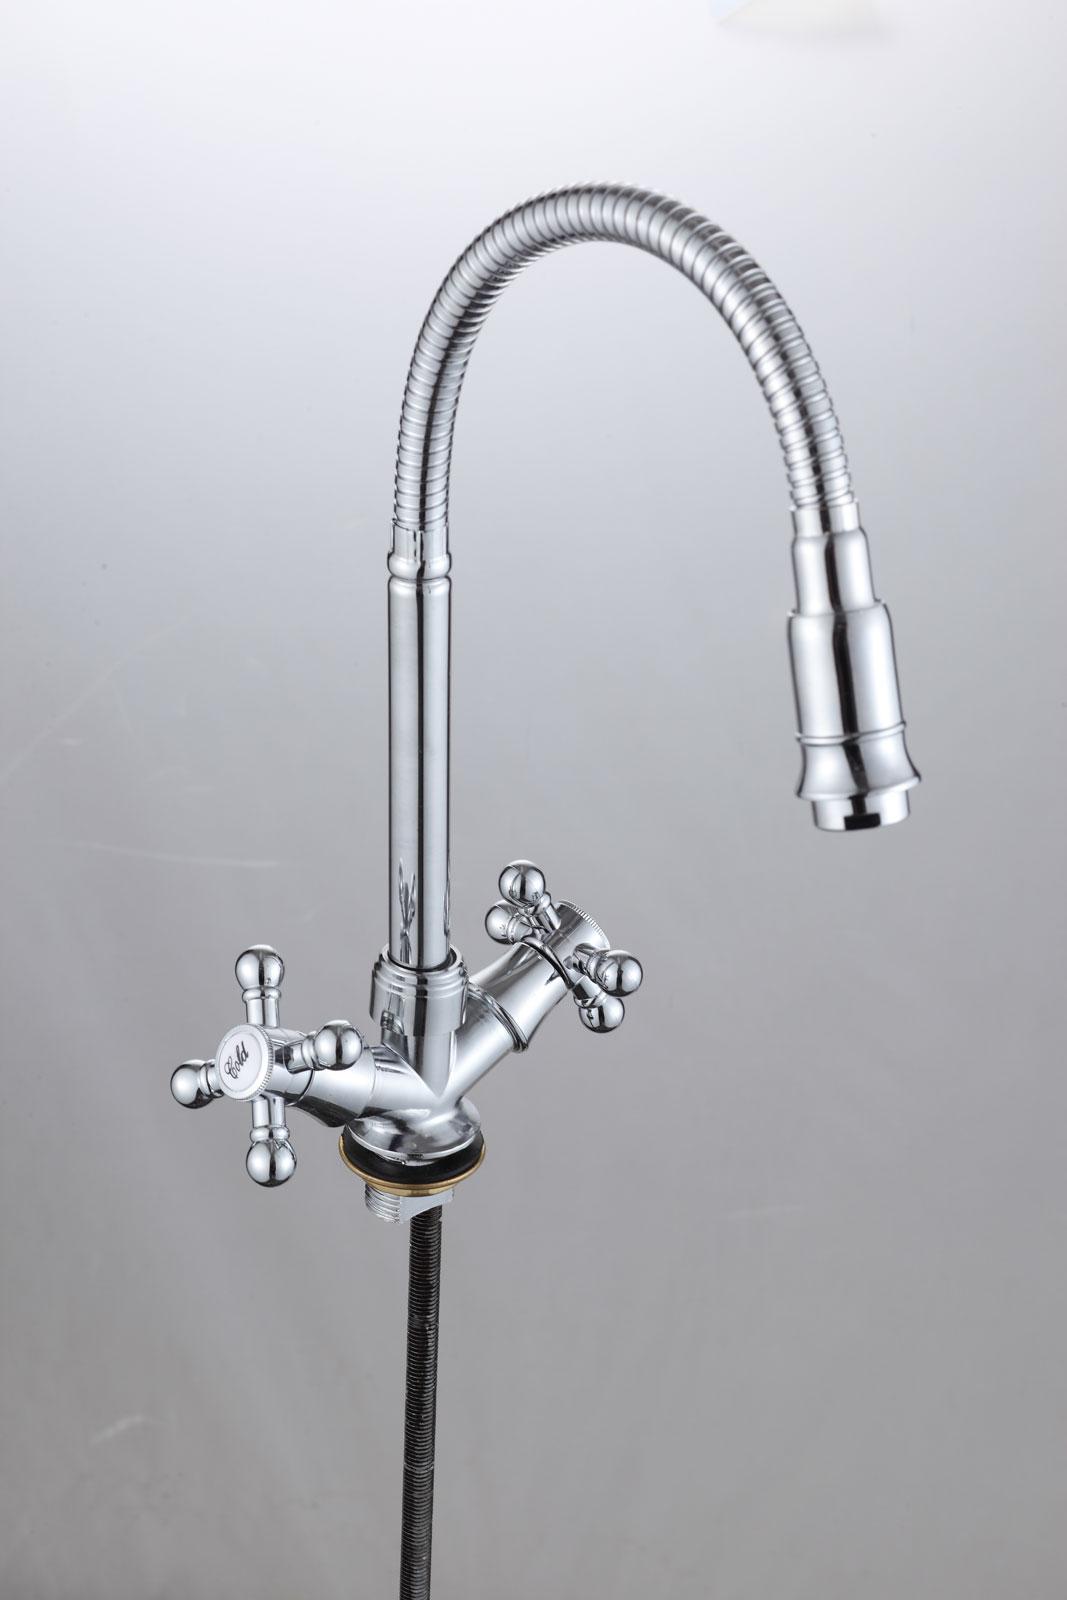 Двухручковый смеситель для кухни D3033-S24